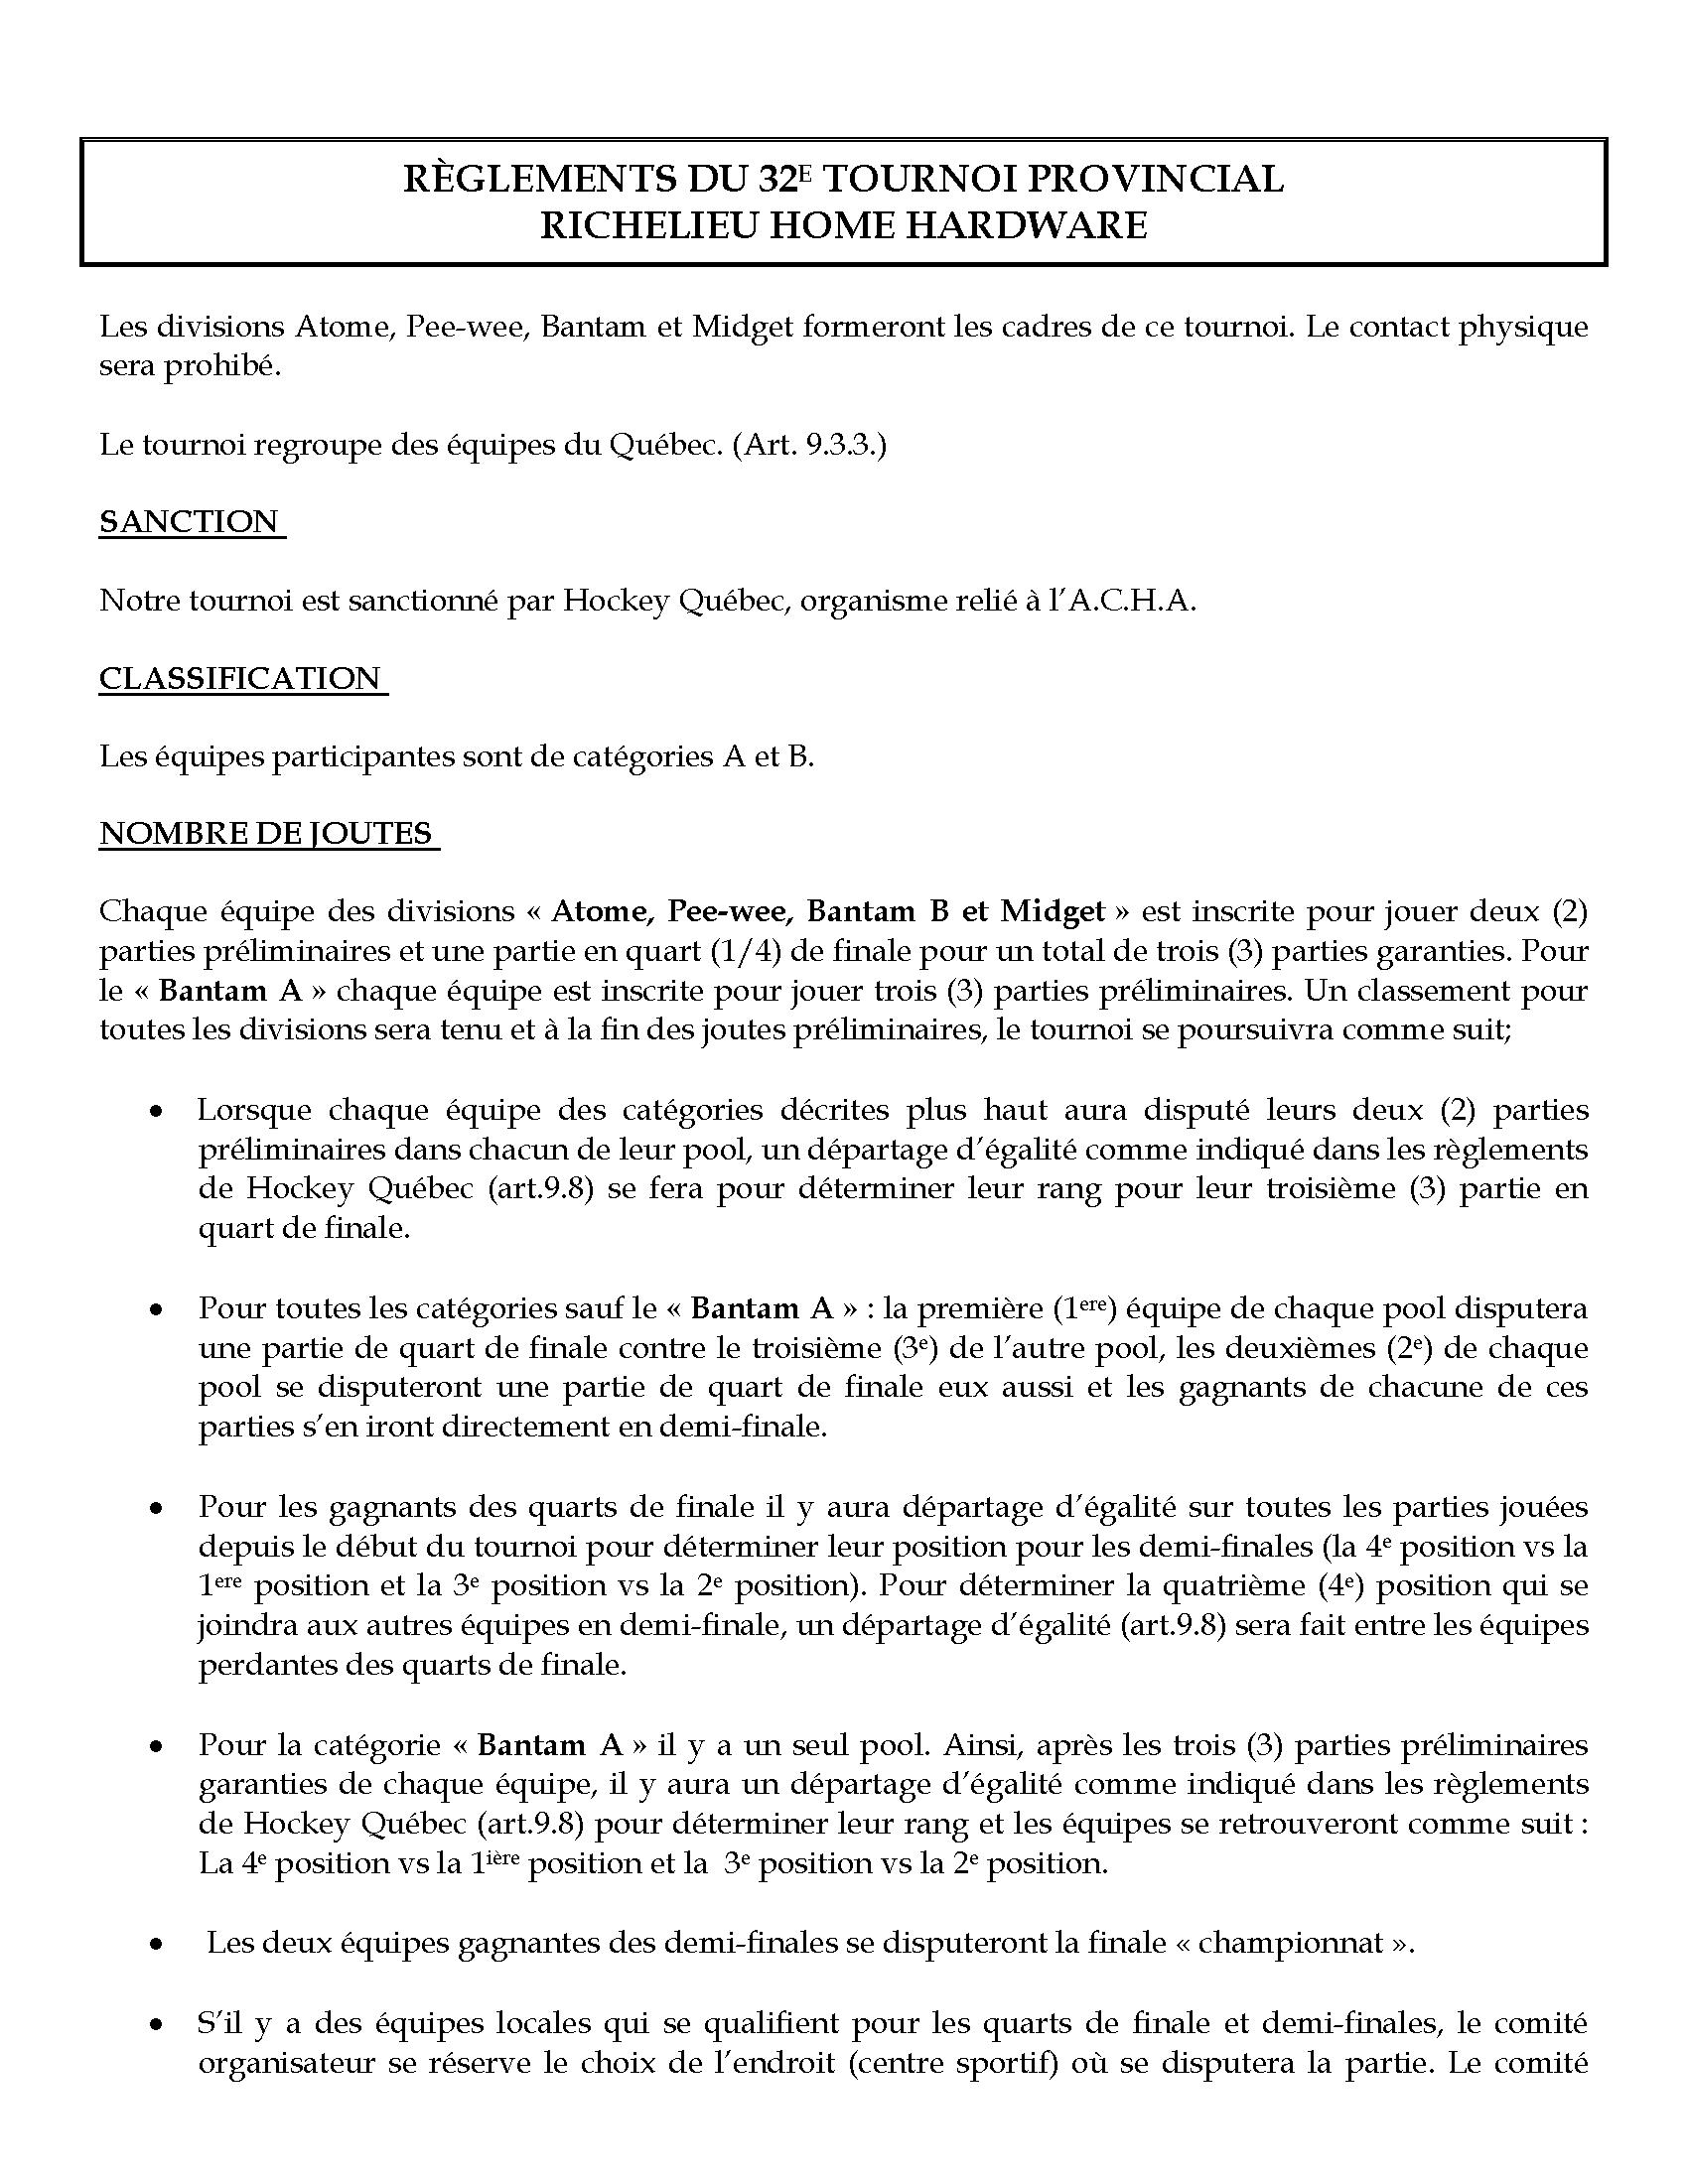 Reglements_Richelieu_2020_Page_1.png